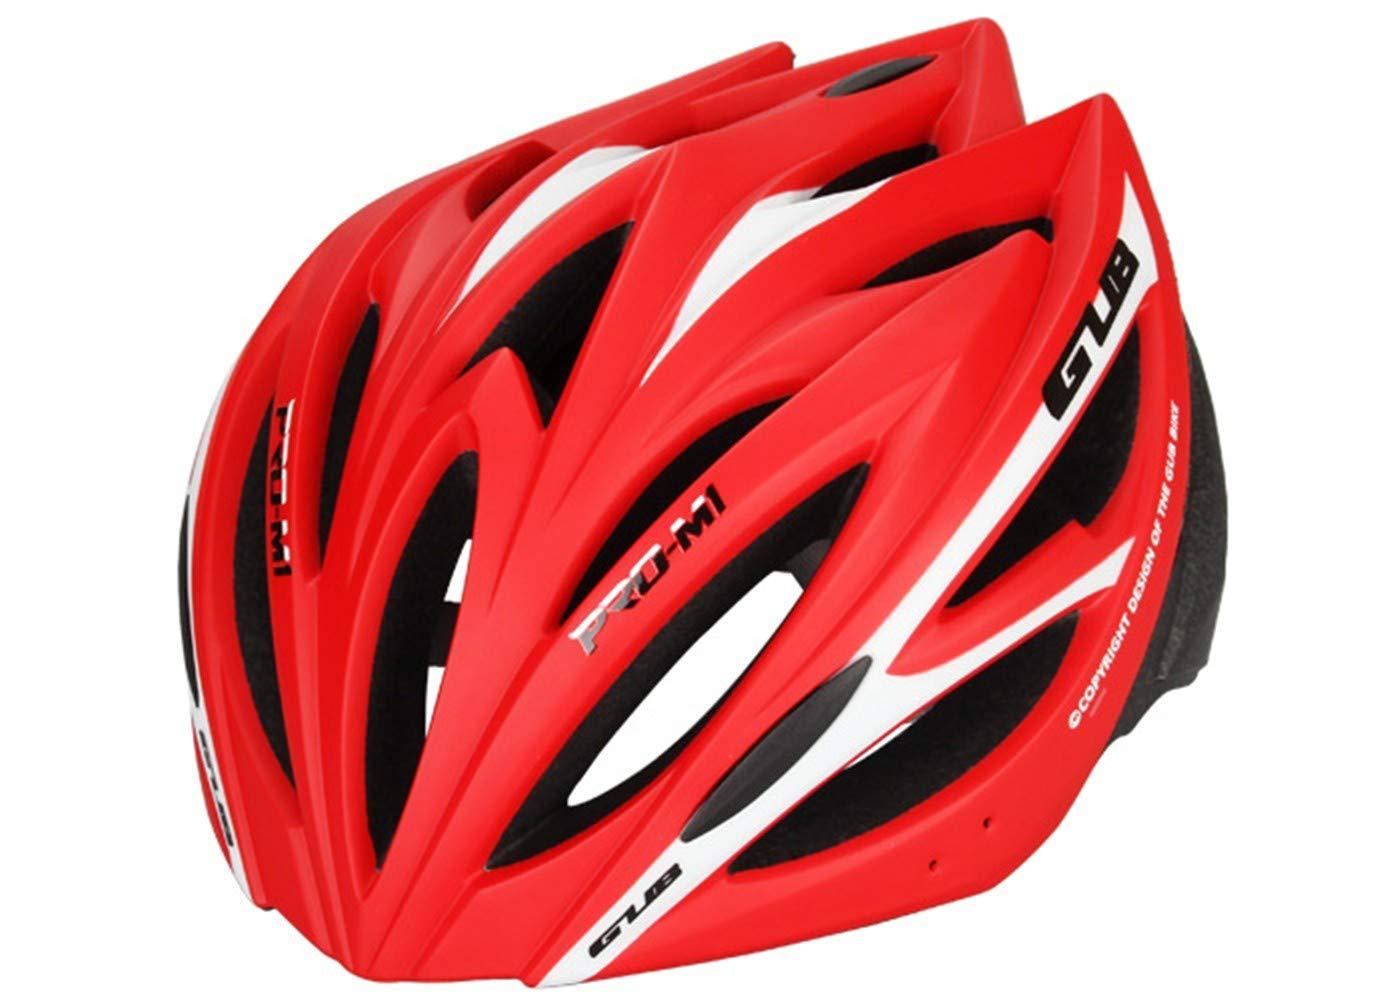 Casco,Deportes al Aire Libre Ciclismo Casco Moldeado Integrado Mountain Bike, Casco de Seguridad, Casco de Bicicleta Deportes Equipamiento Confort Casco, Bicicleta